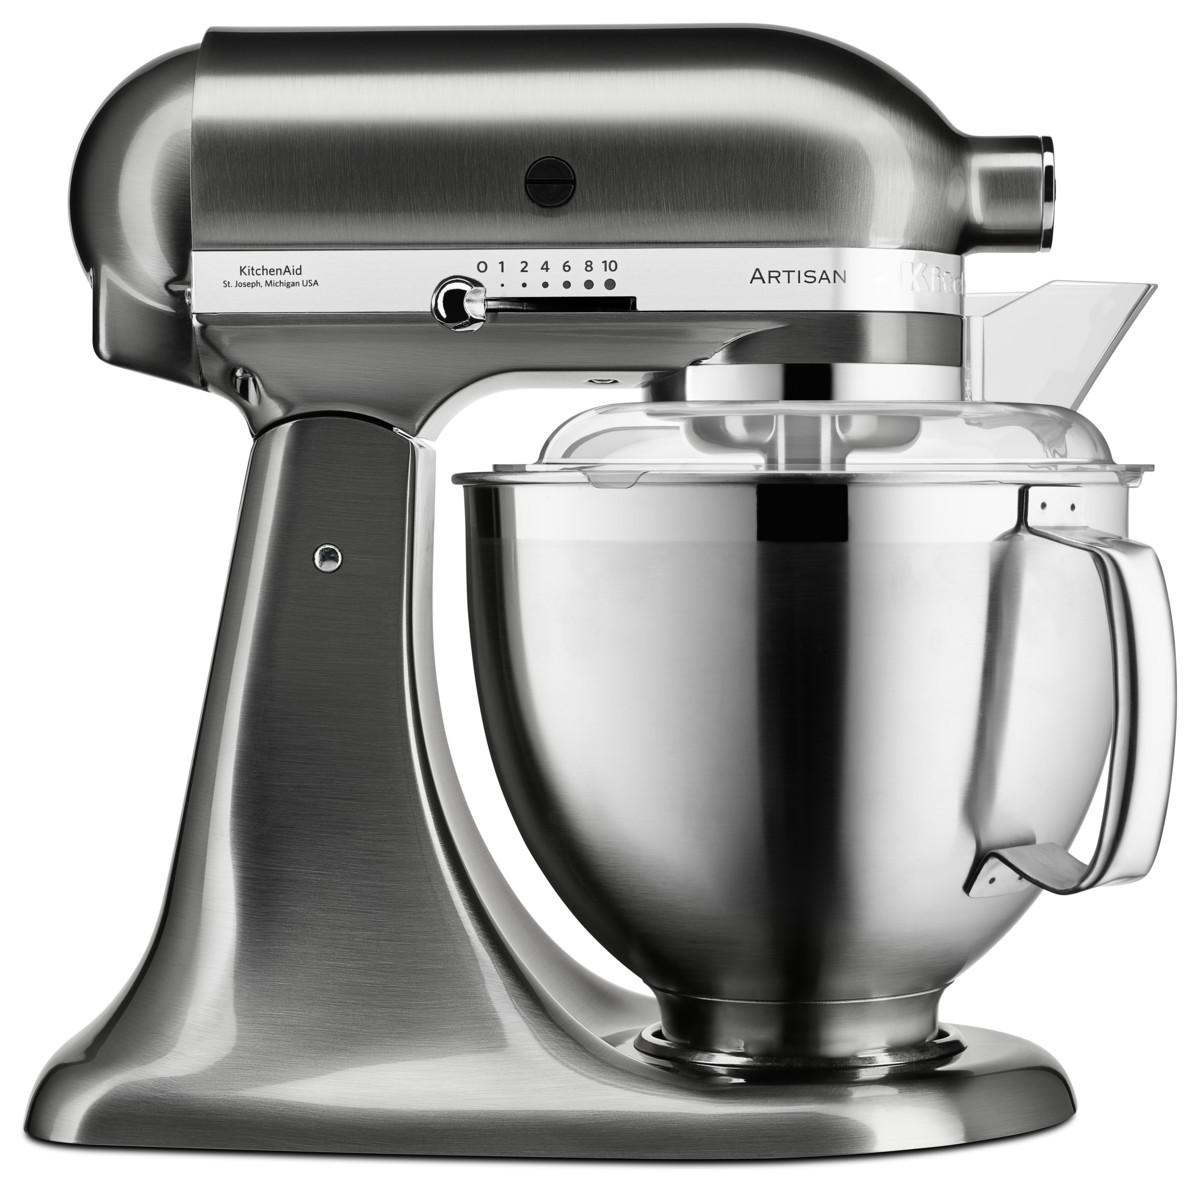 KitchenAid Küchenmaschine 5KSM185PS gebürstetes Metall